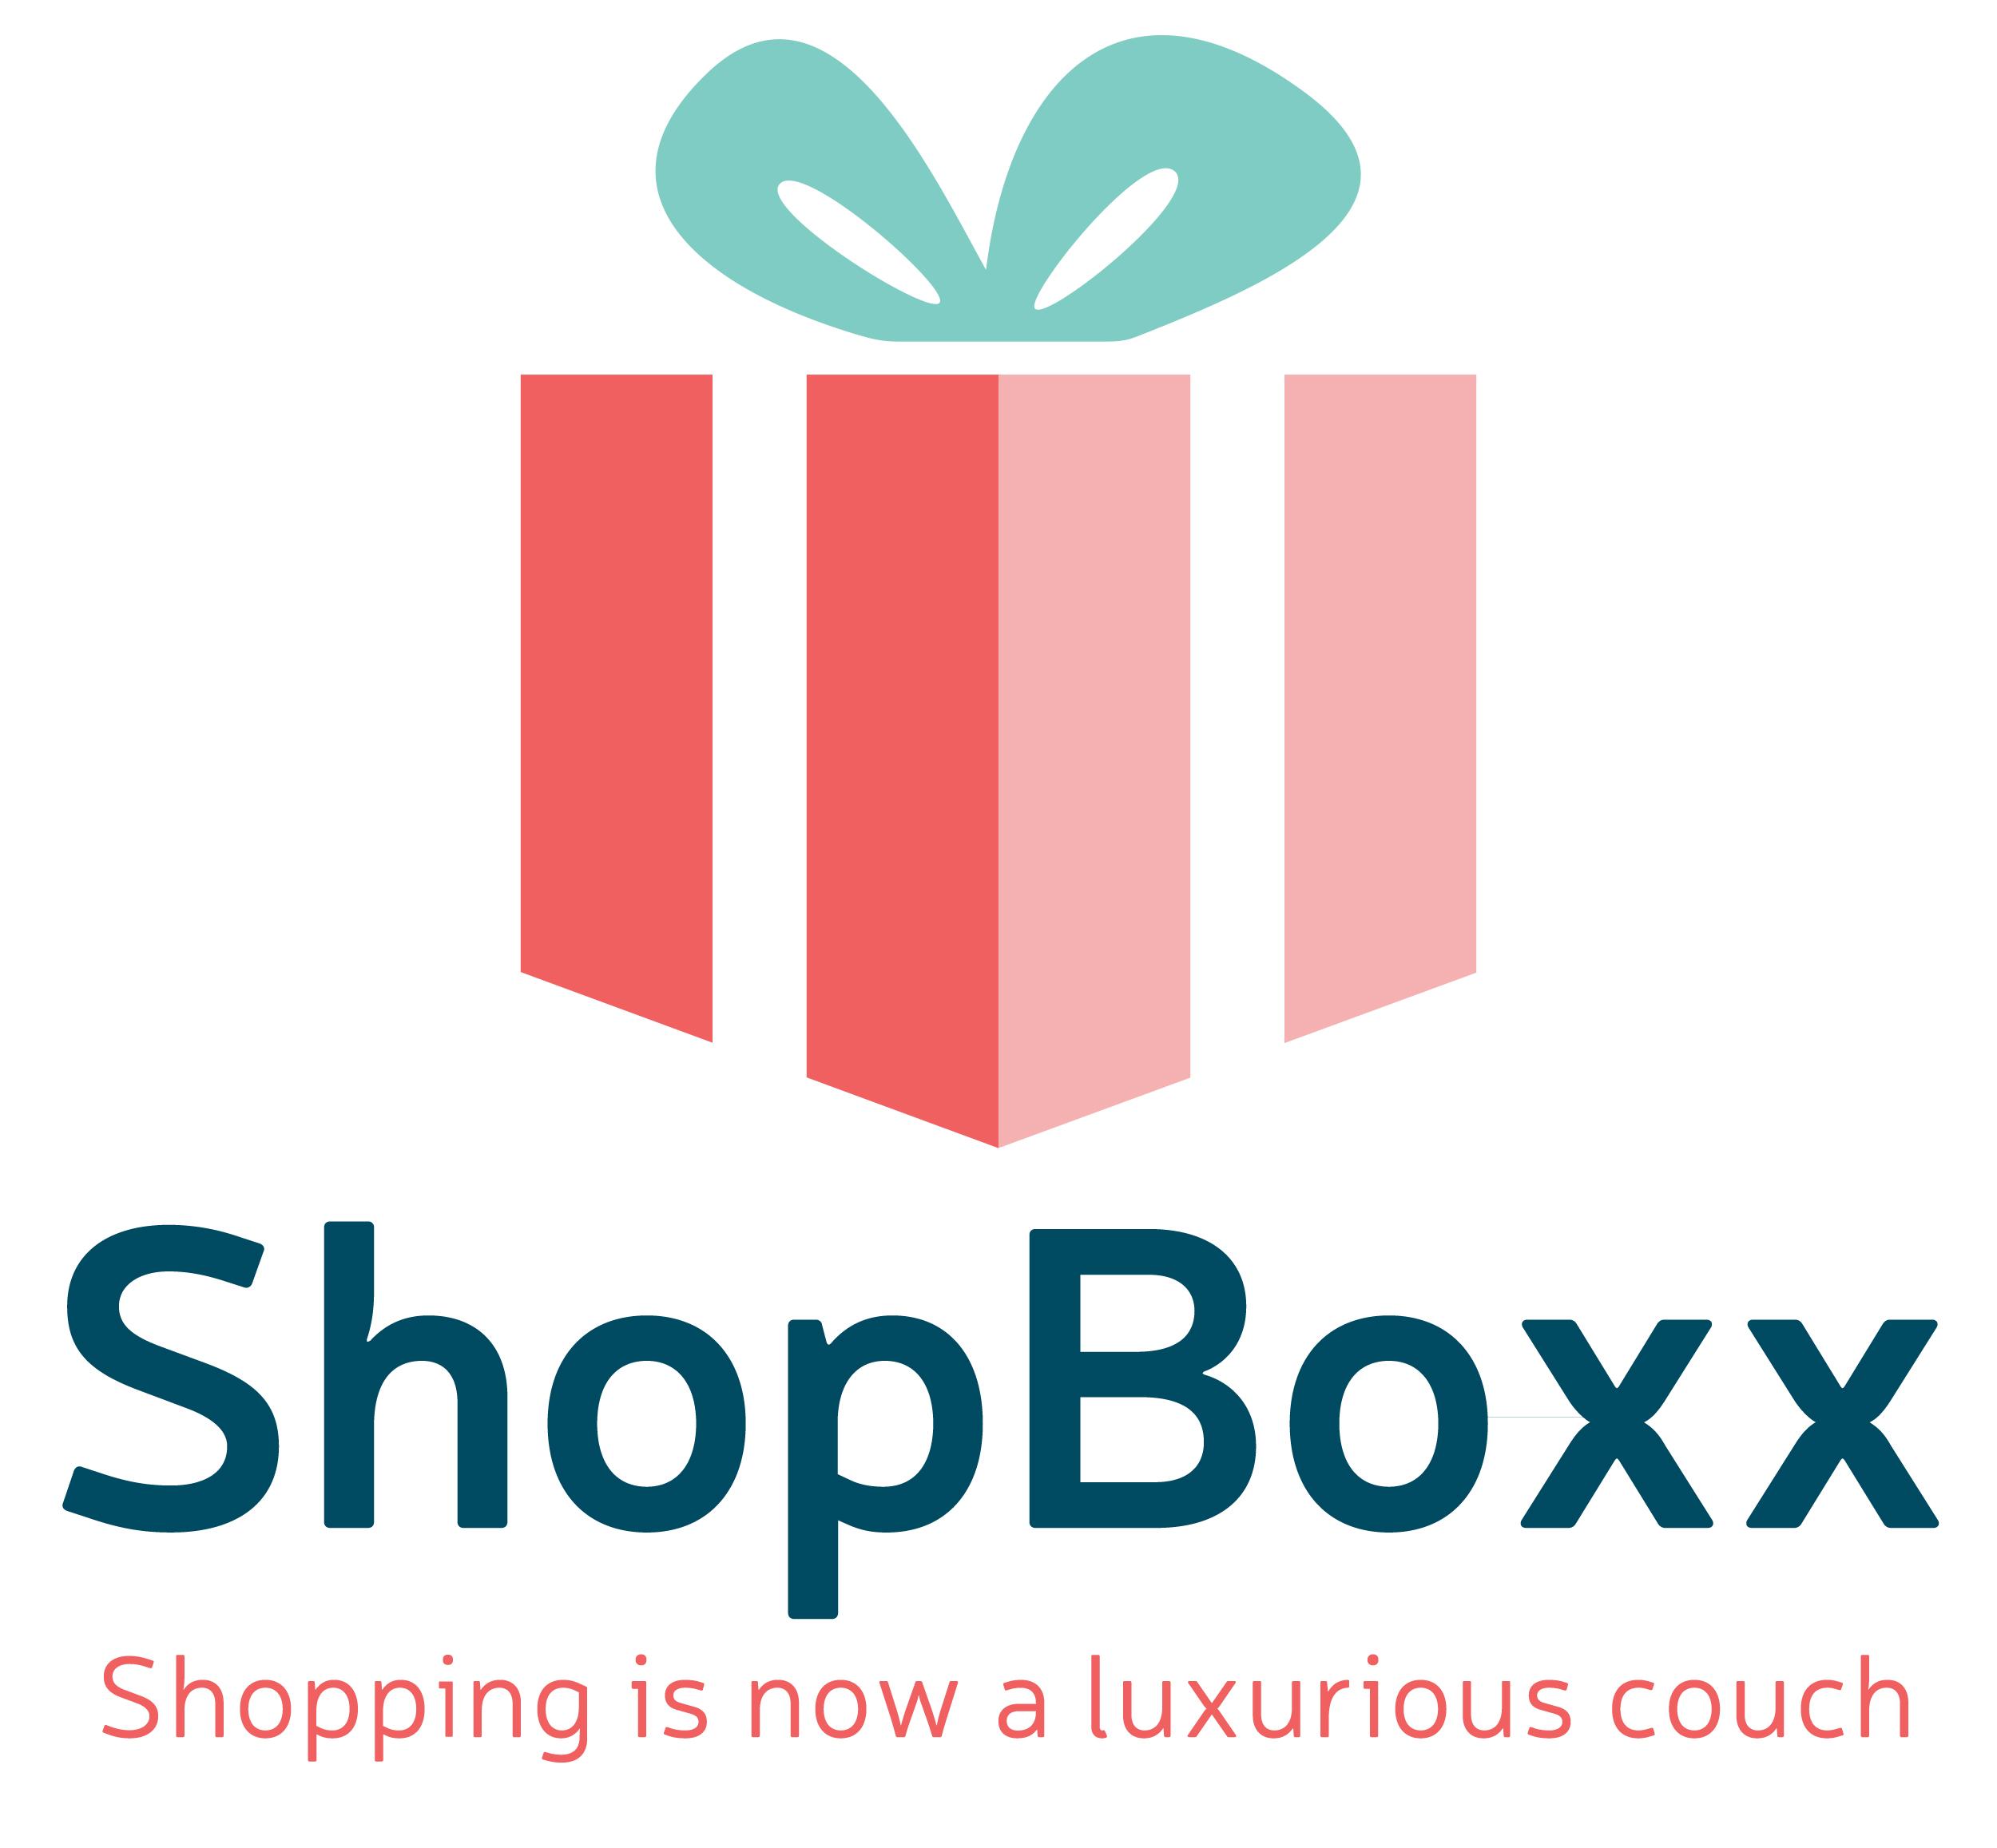 SHOPBOXX